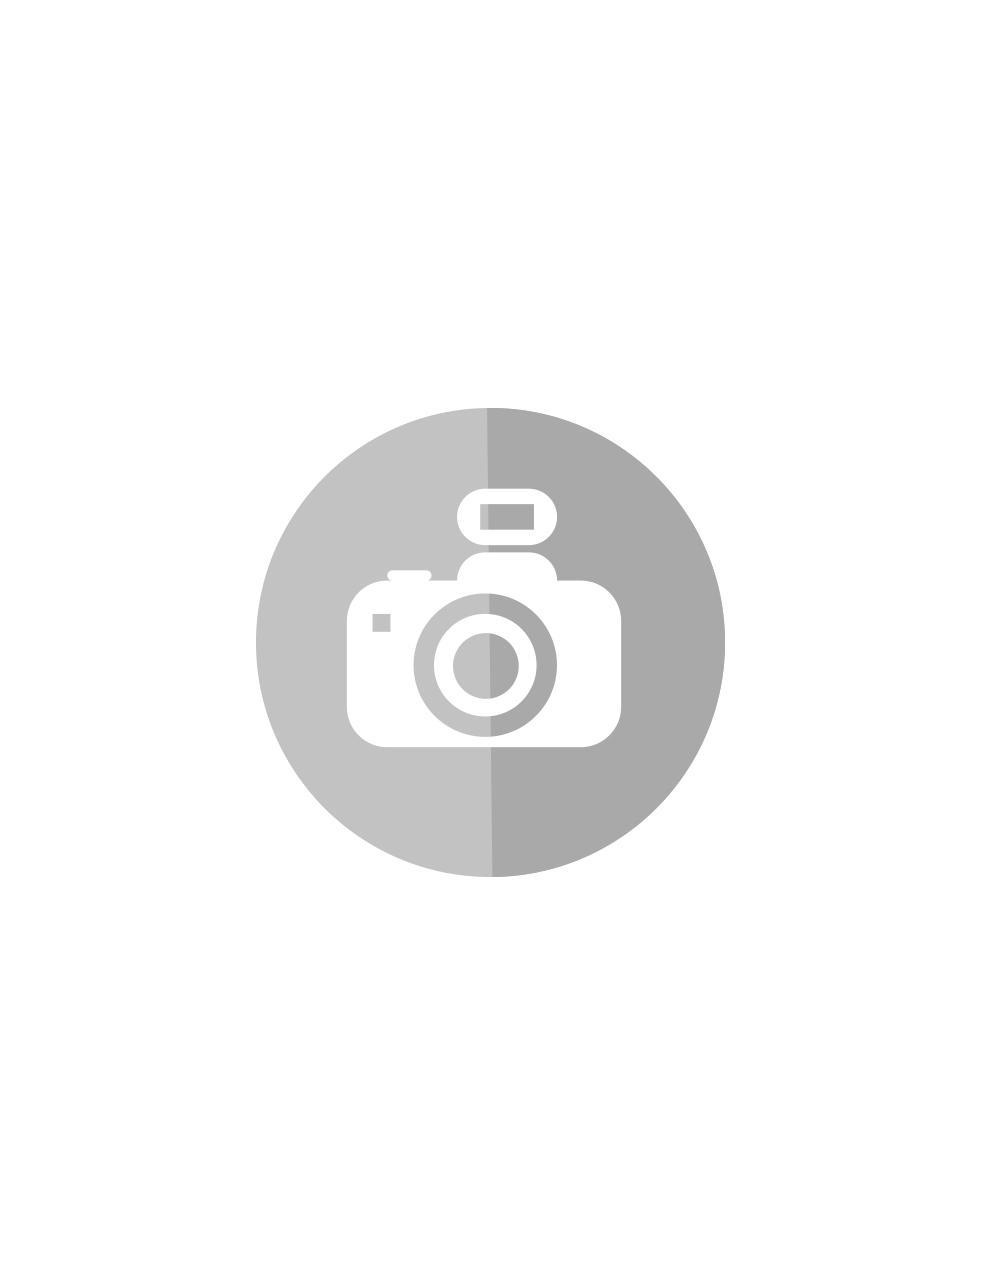 30058402_sparepart/Regalboden-BS-Wand